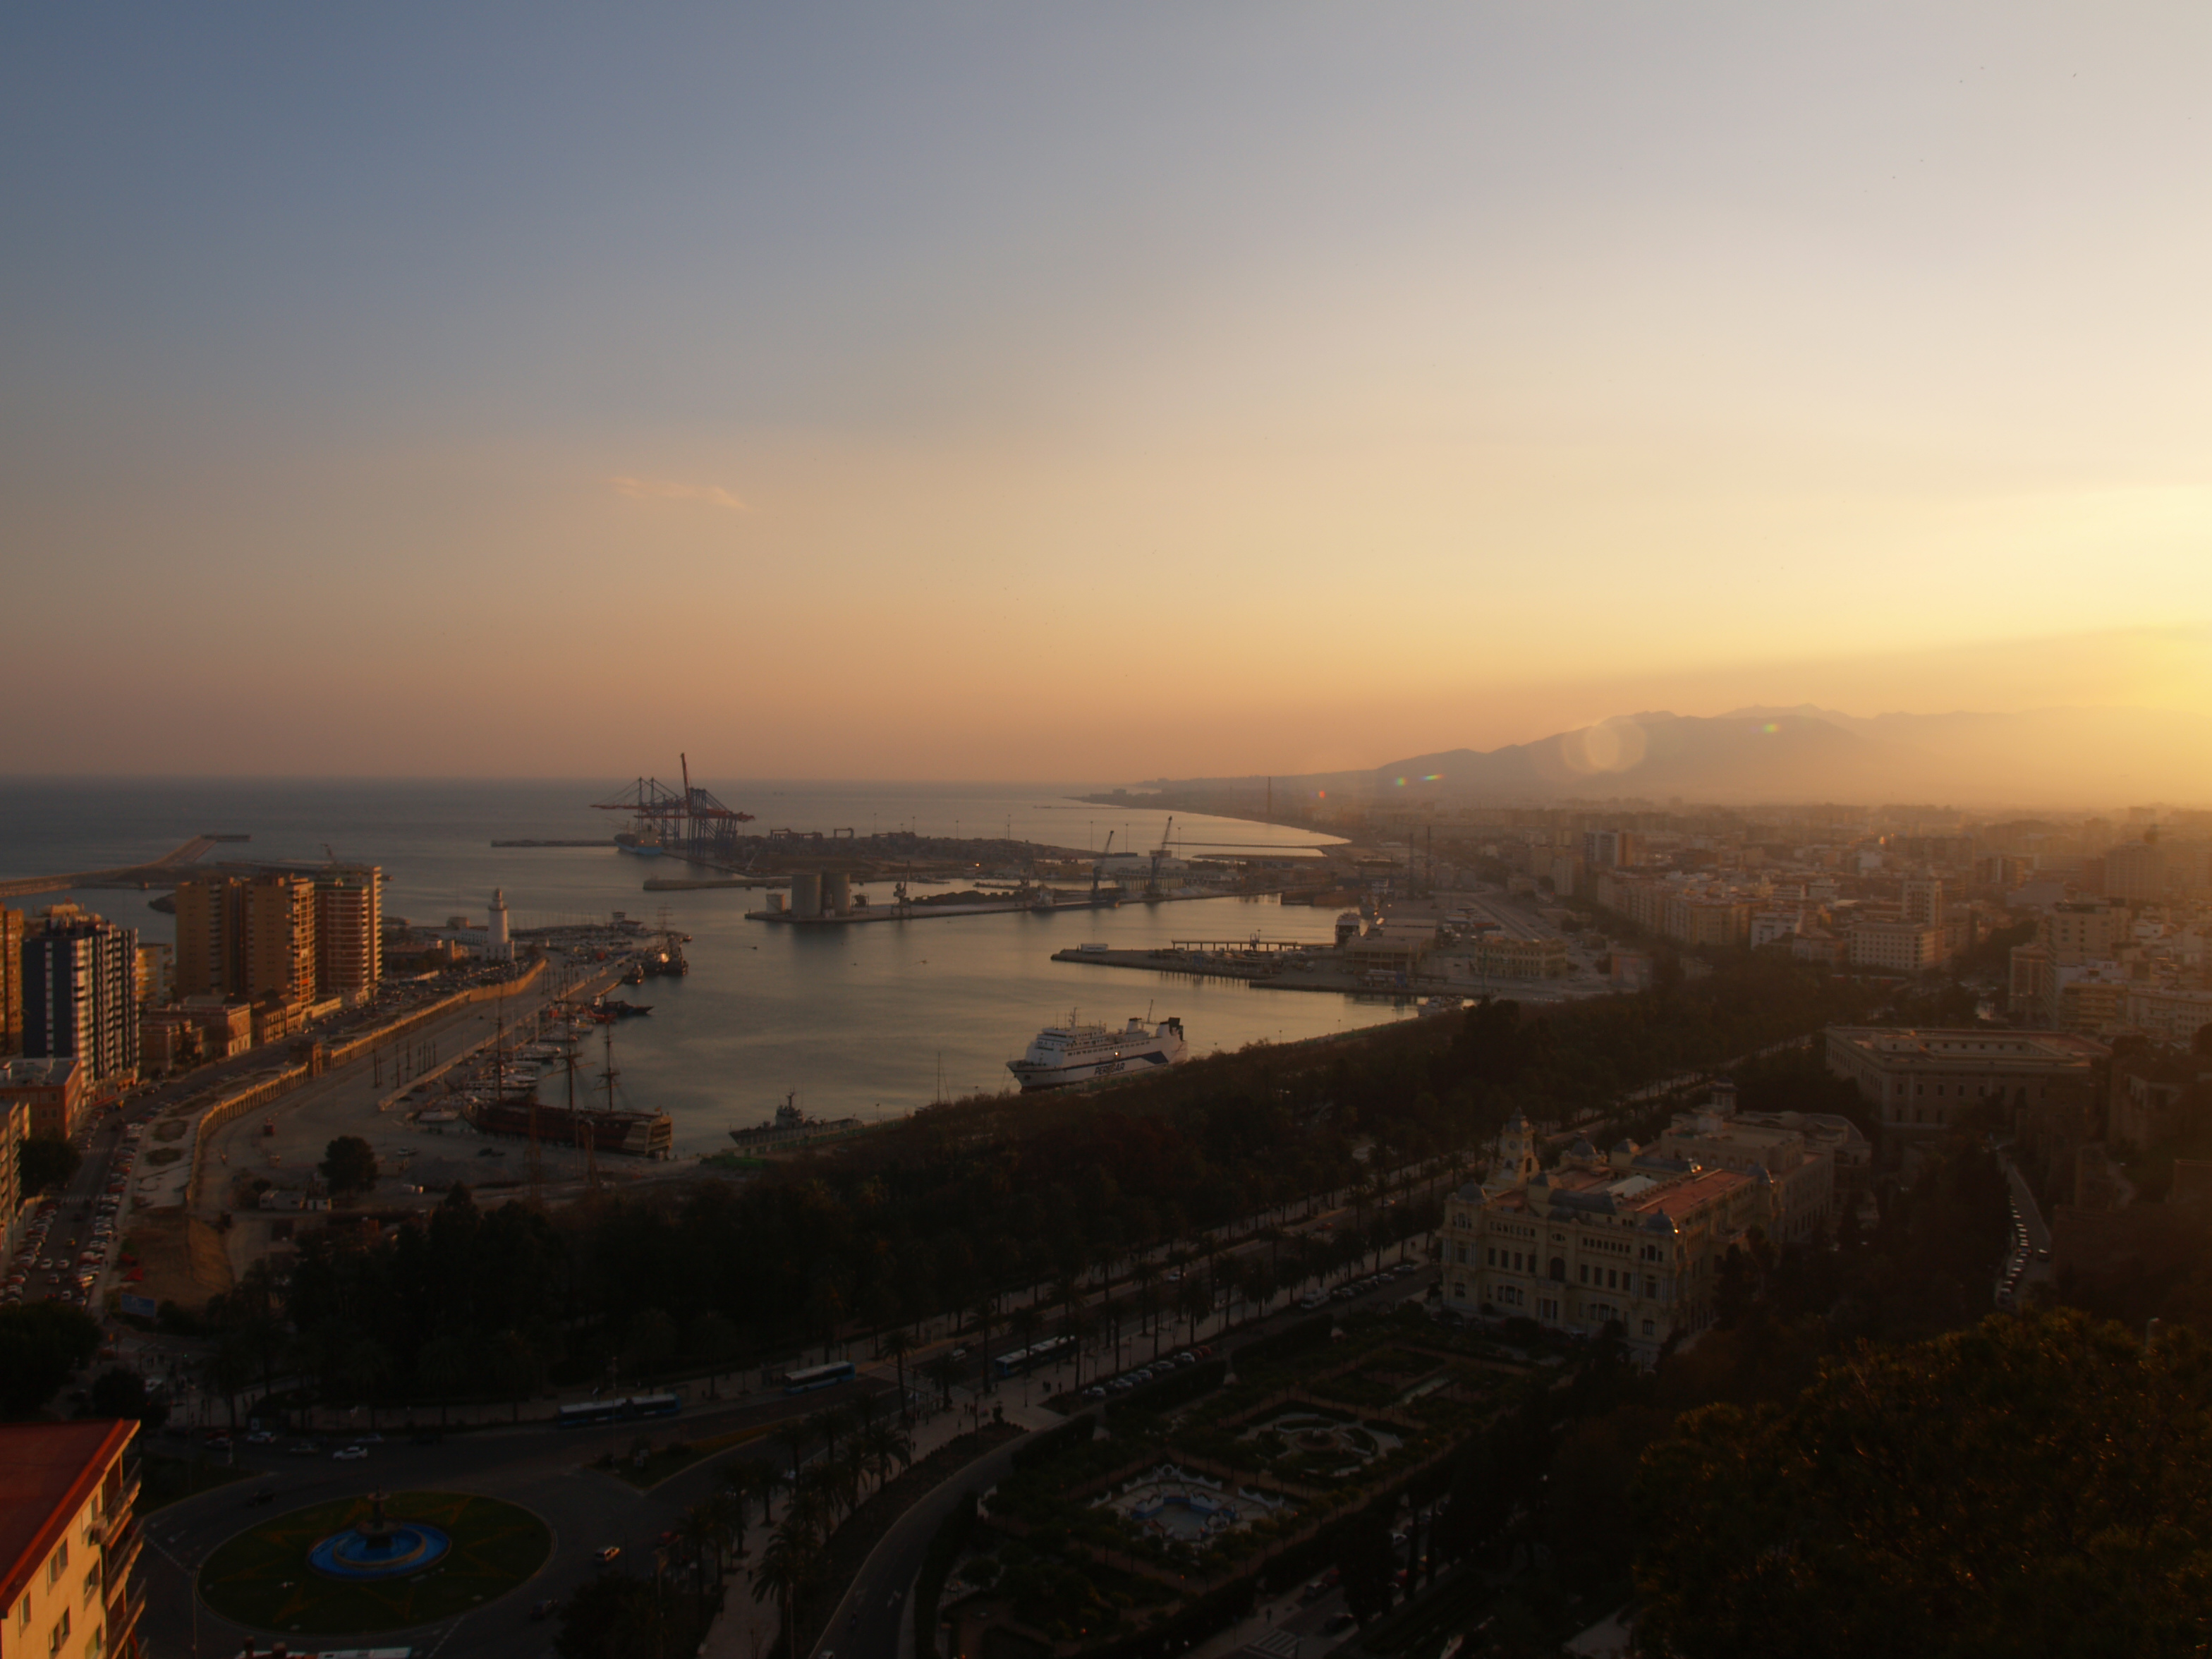 Port of Malaga and coast